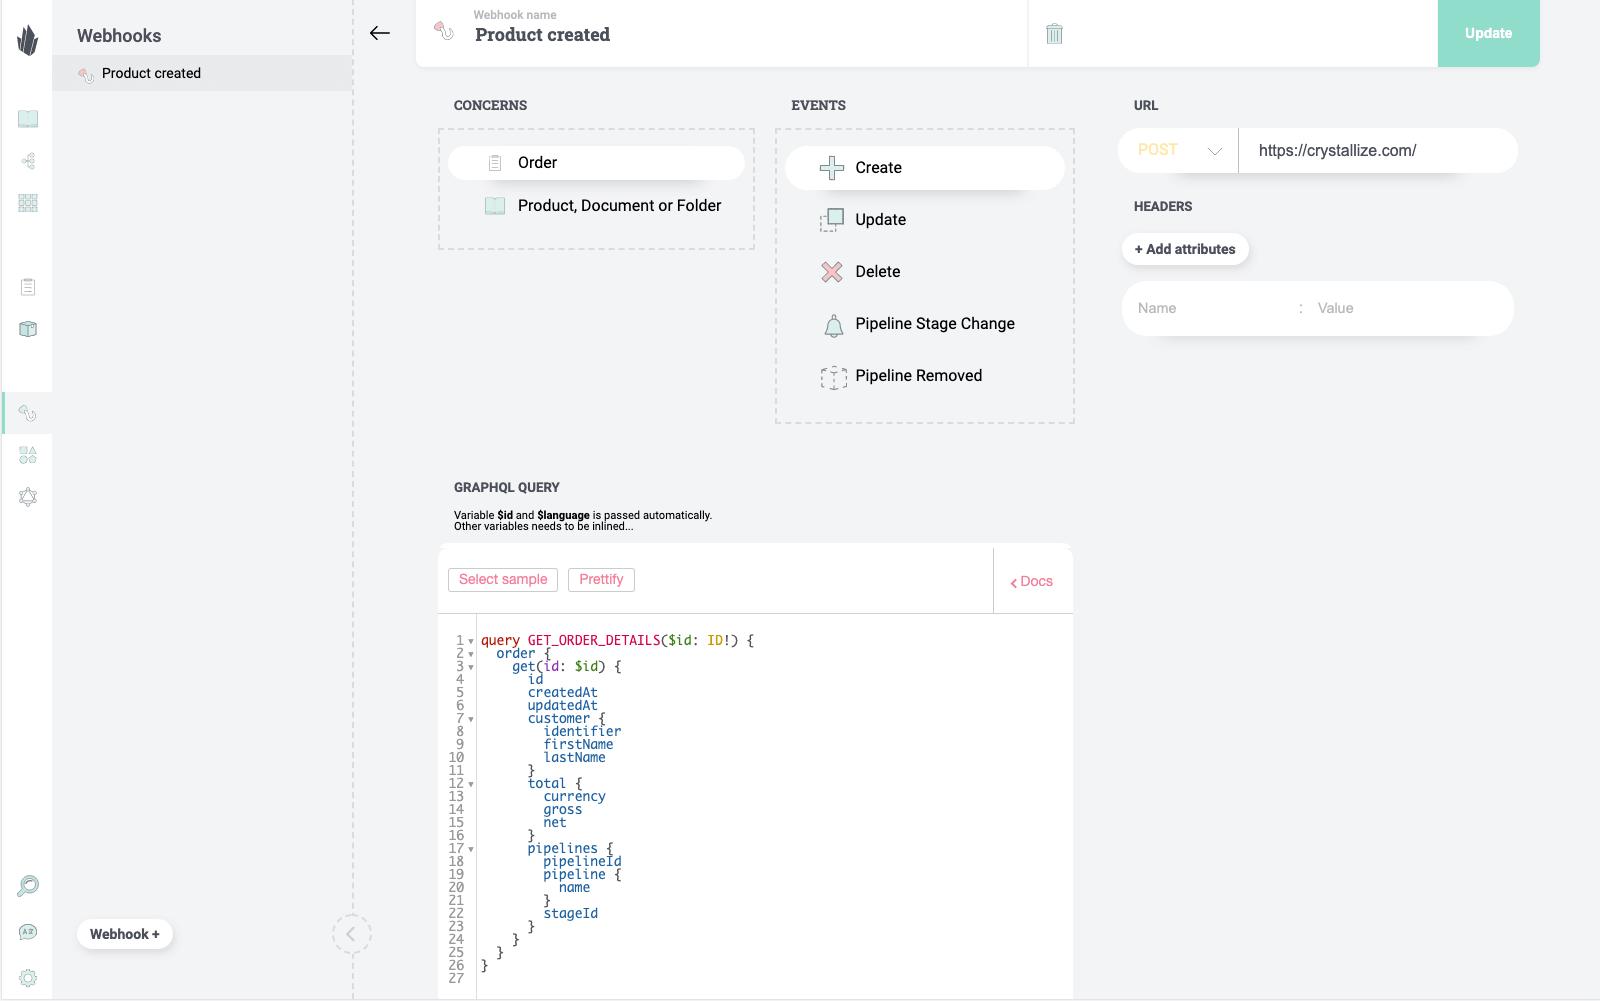 Webhooks API